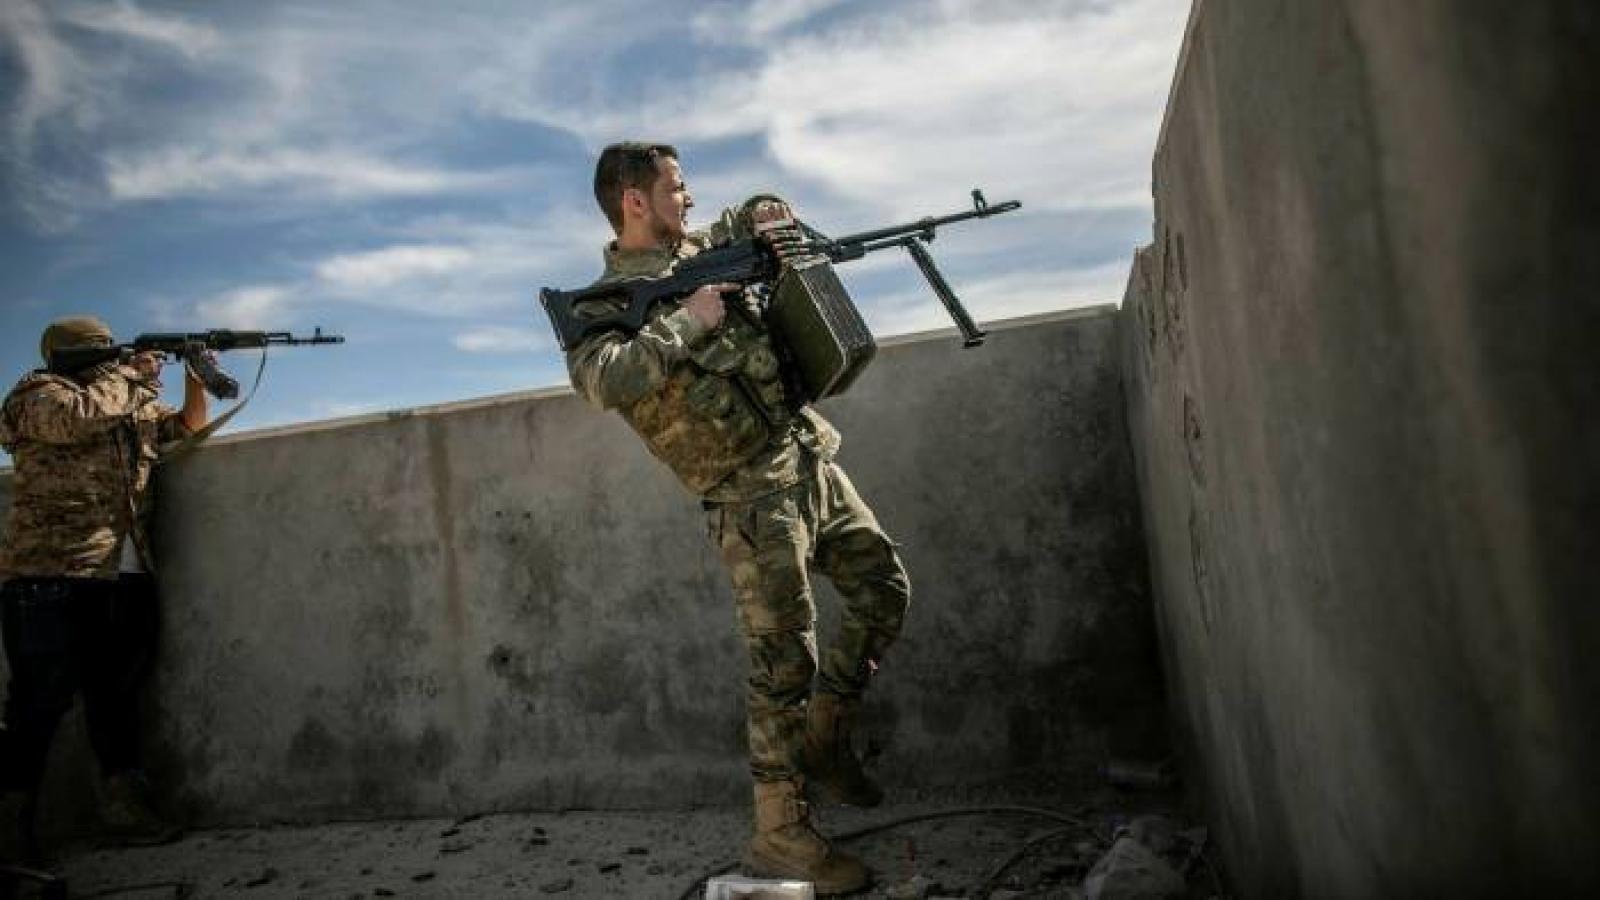 Tình hình Libya phức tạp, EU sẵn sàng thực thi cấm vận vũ khí